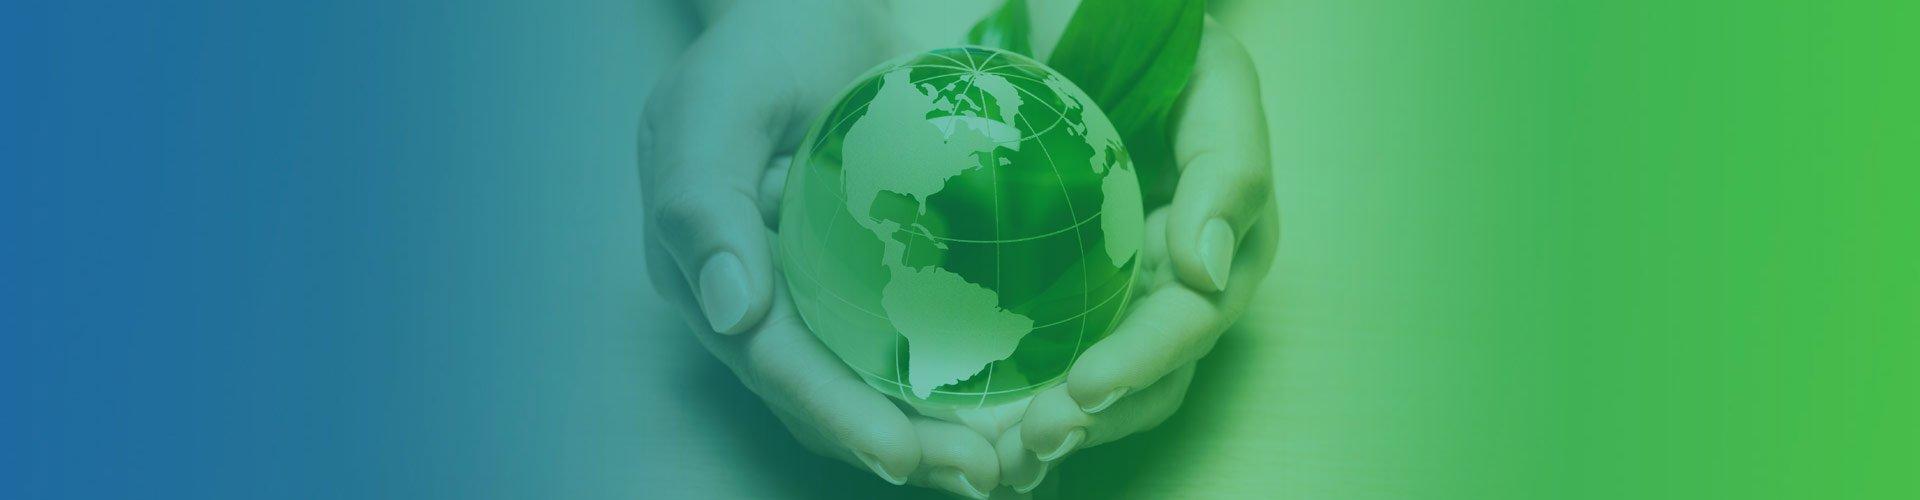 Dmr Çevre Danışmanlık Hizmetleri